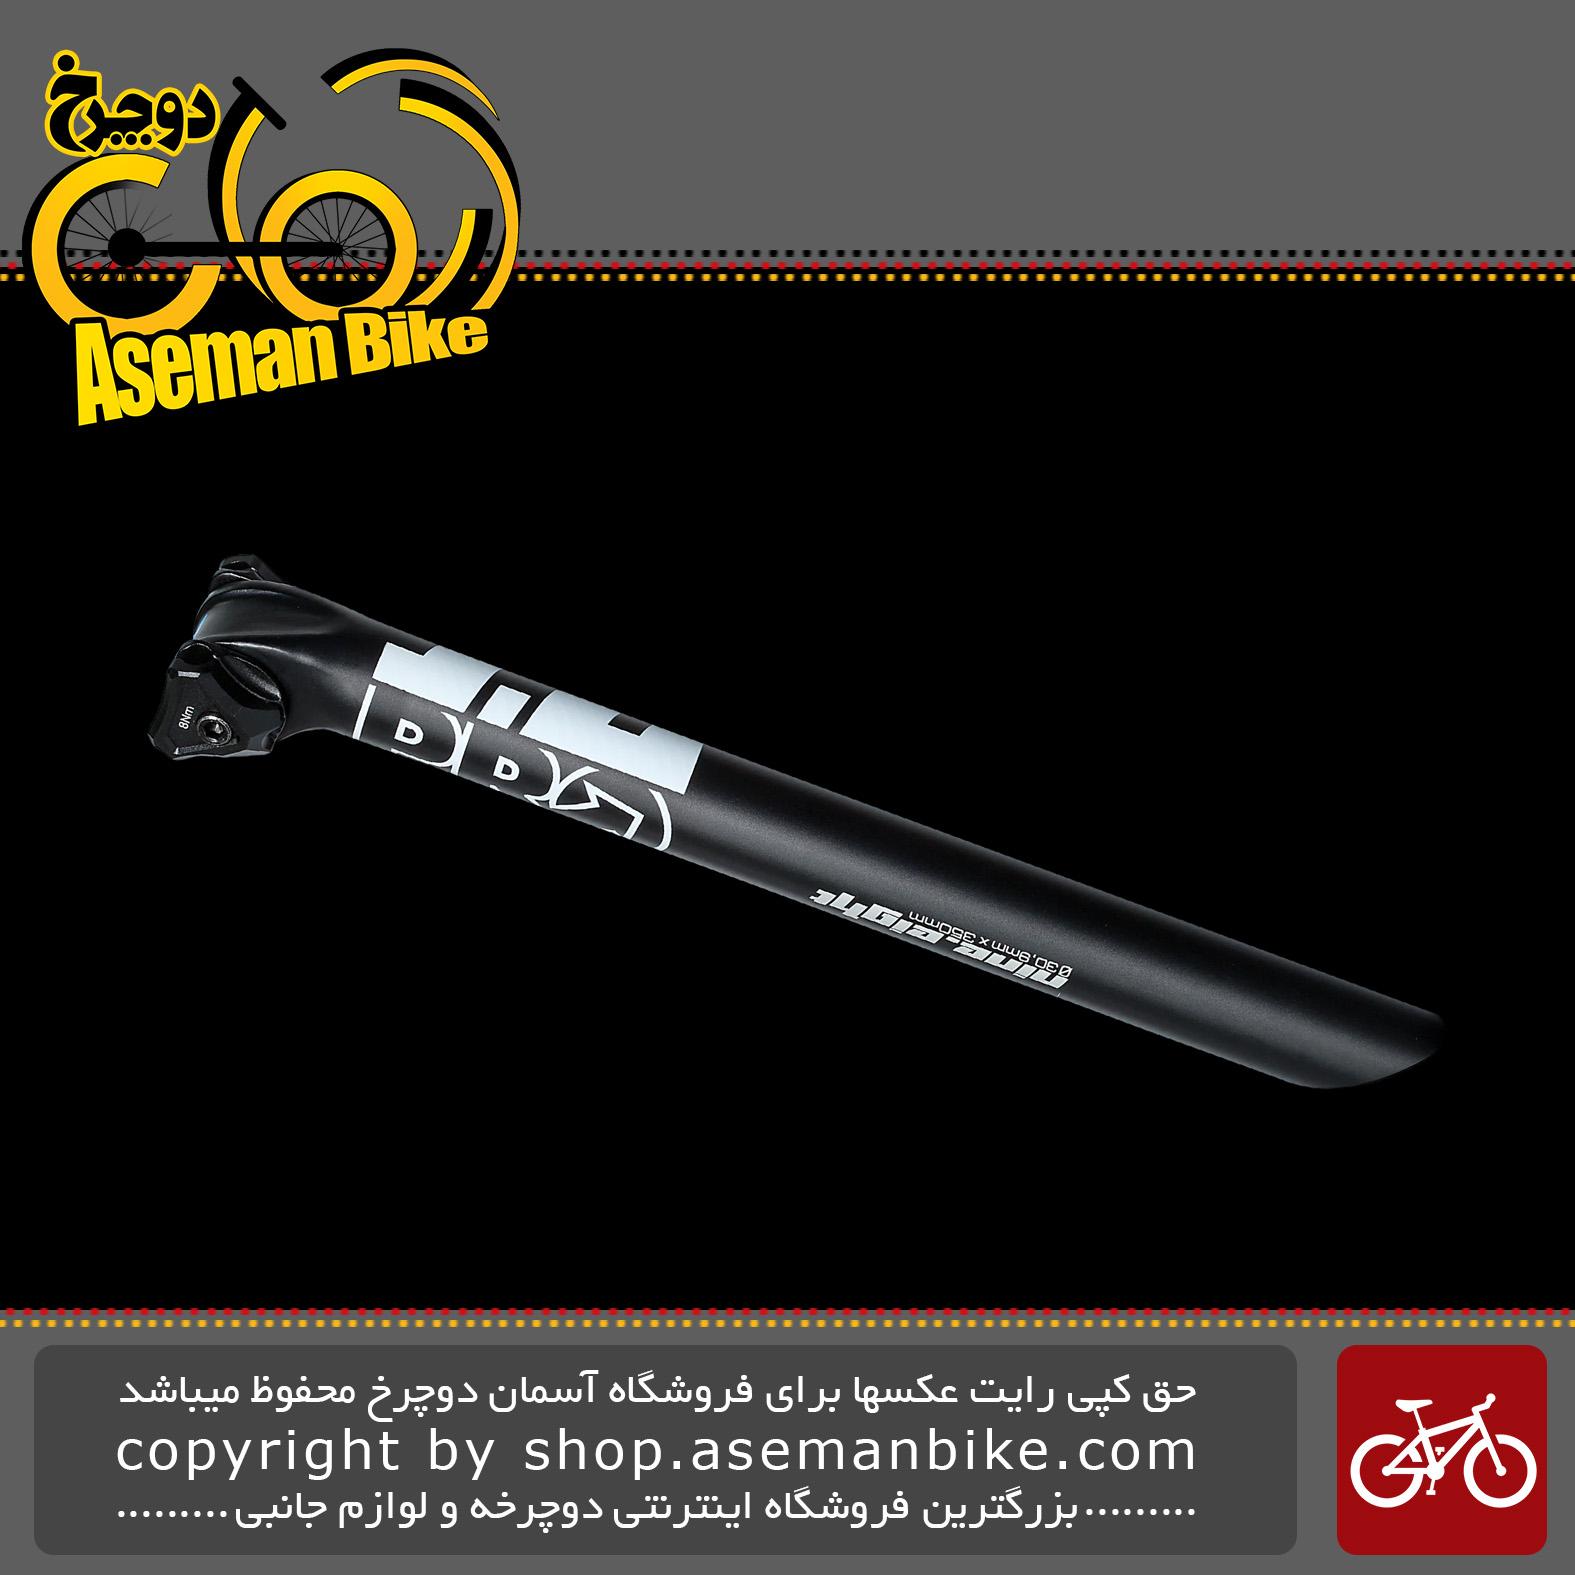 لوله زین دوچرخه کوهستان پرو مدل تارسیس 9.8 آلومینیوم 7050 PRO Tharsis 9.8 Seatpost Alloy PRSP0150